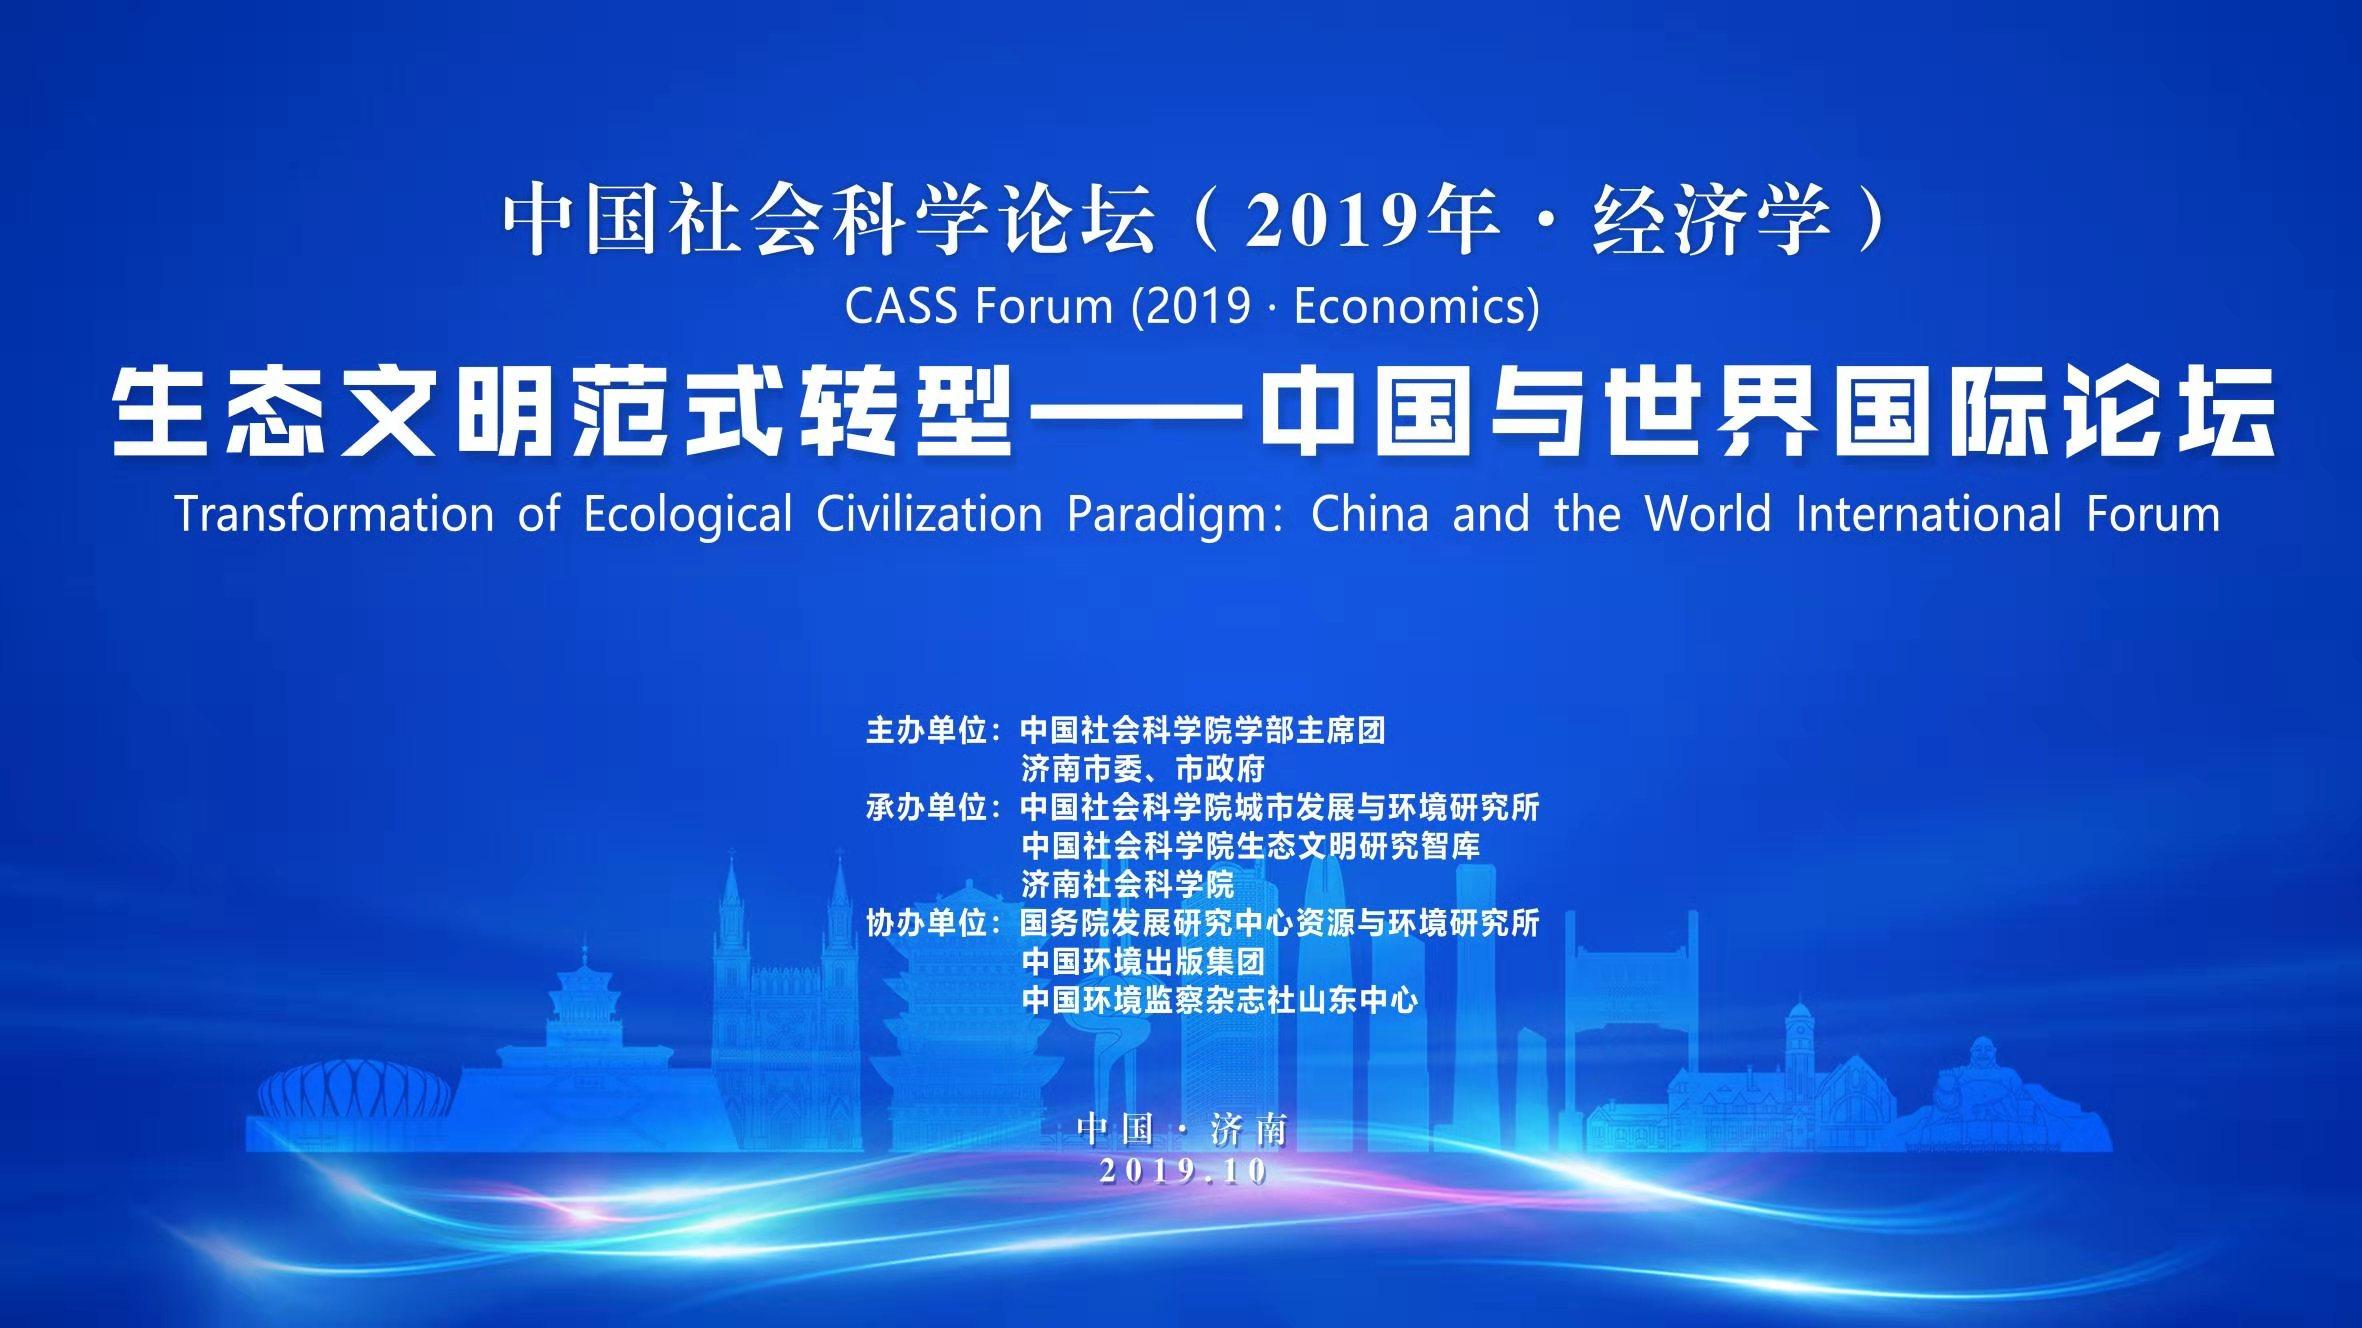 共谋全球生态文明建设之路!中国社会科学论坛将在济南召开